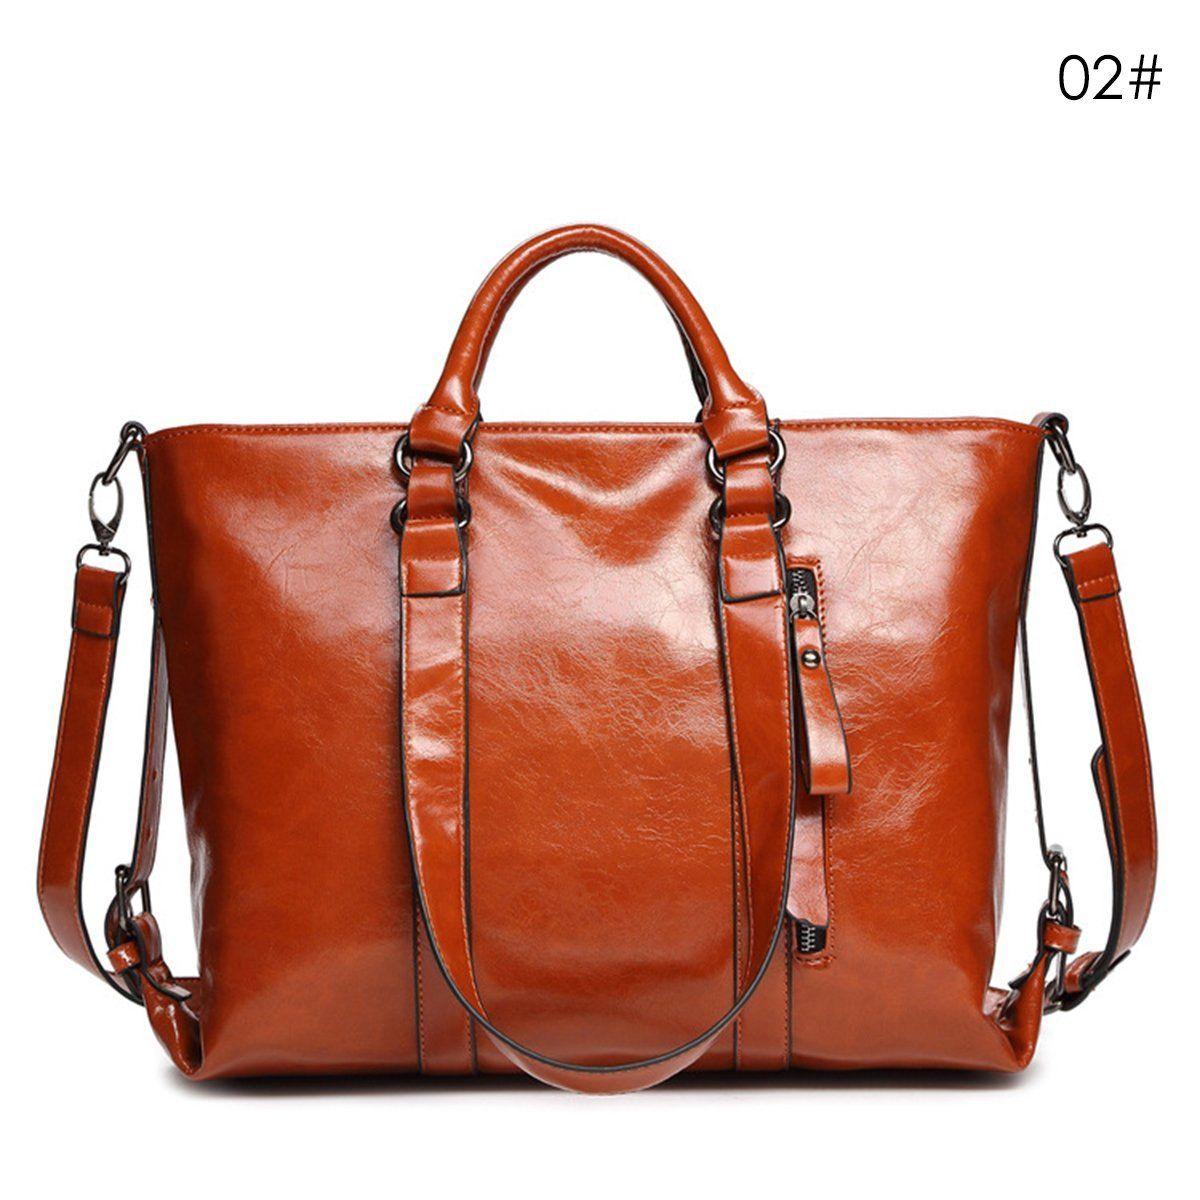 f61b160216 Details about Women Leather Shoulder Bag Handbag Messenger Hobo Satchel  Tote Crossbody Bag New